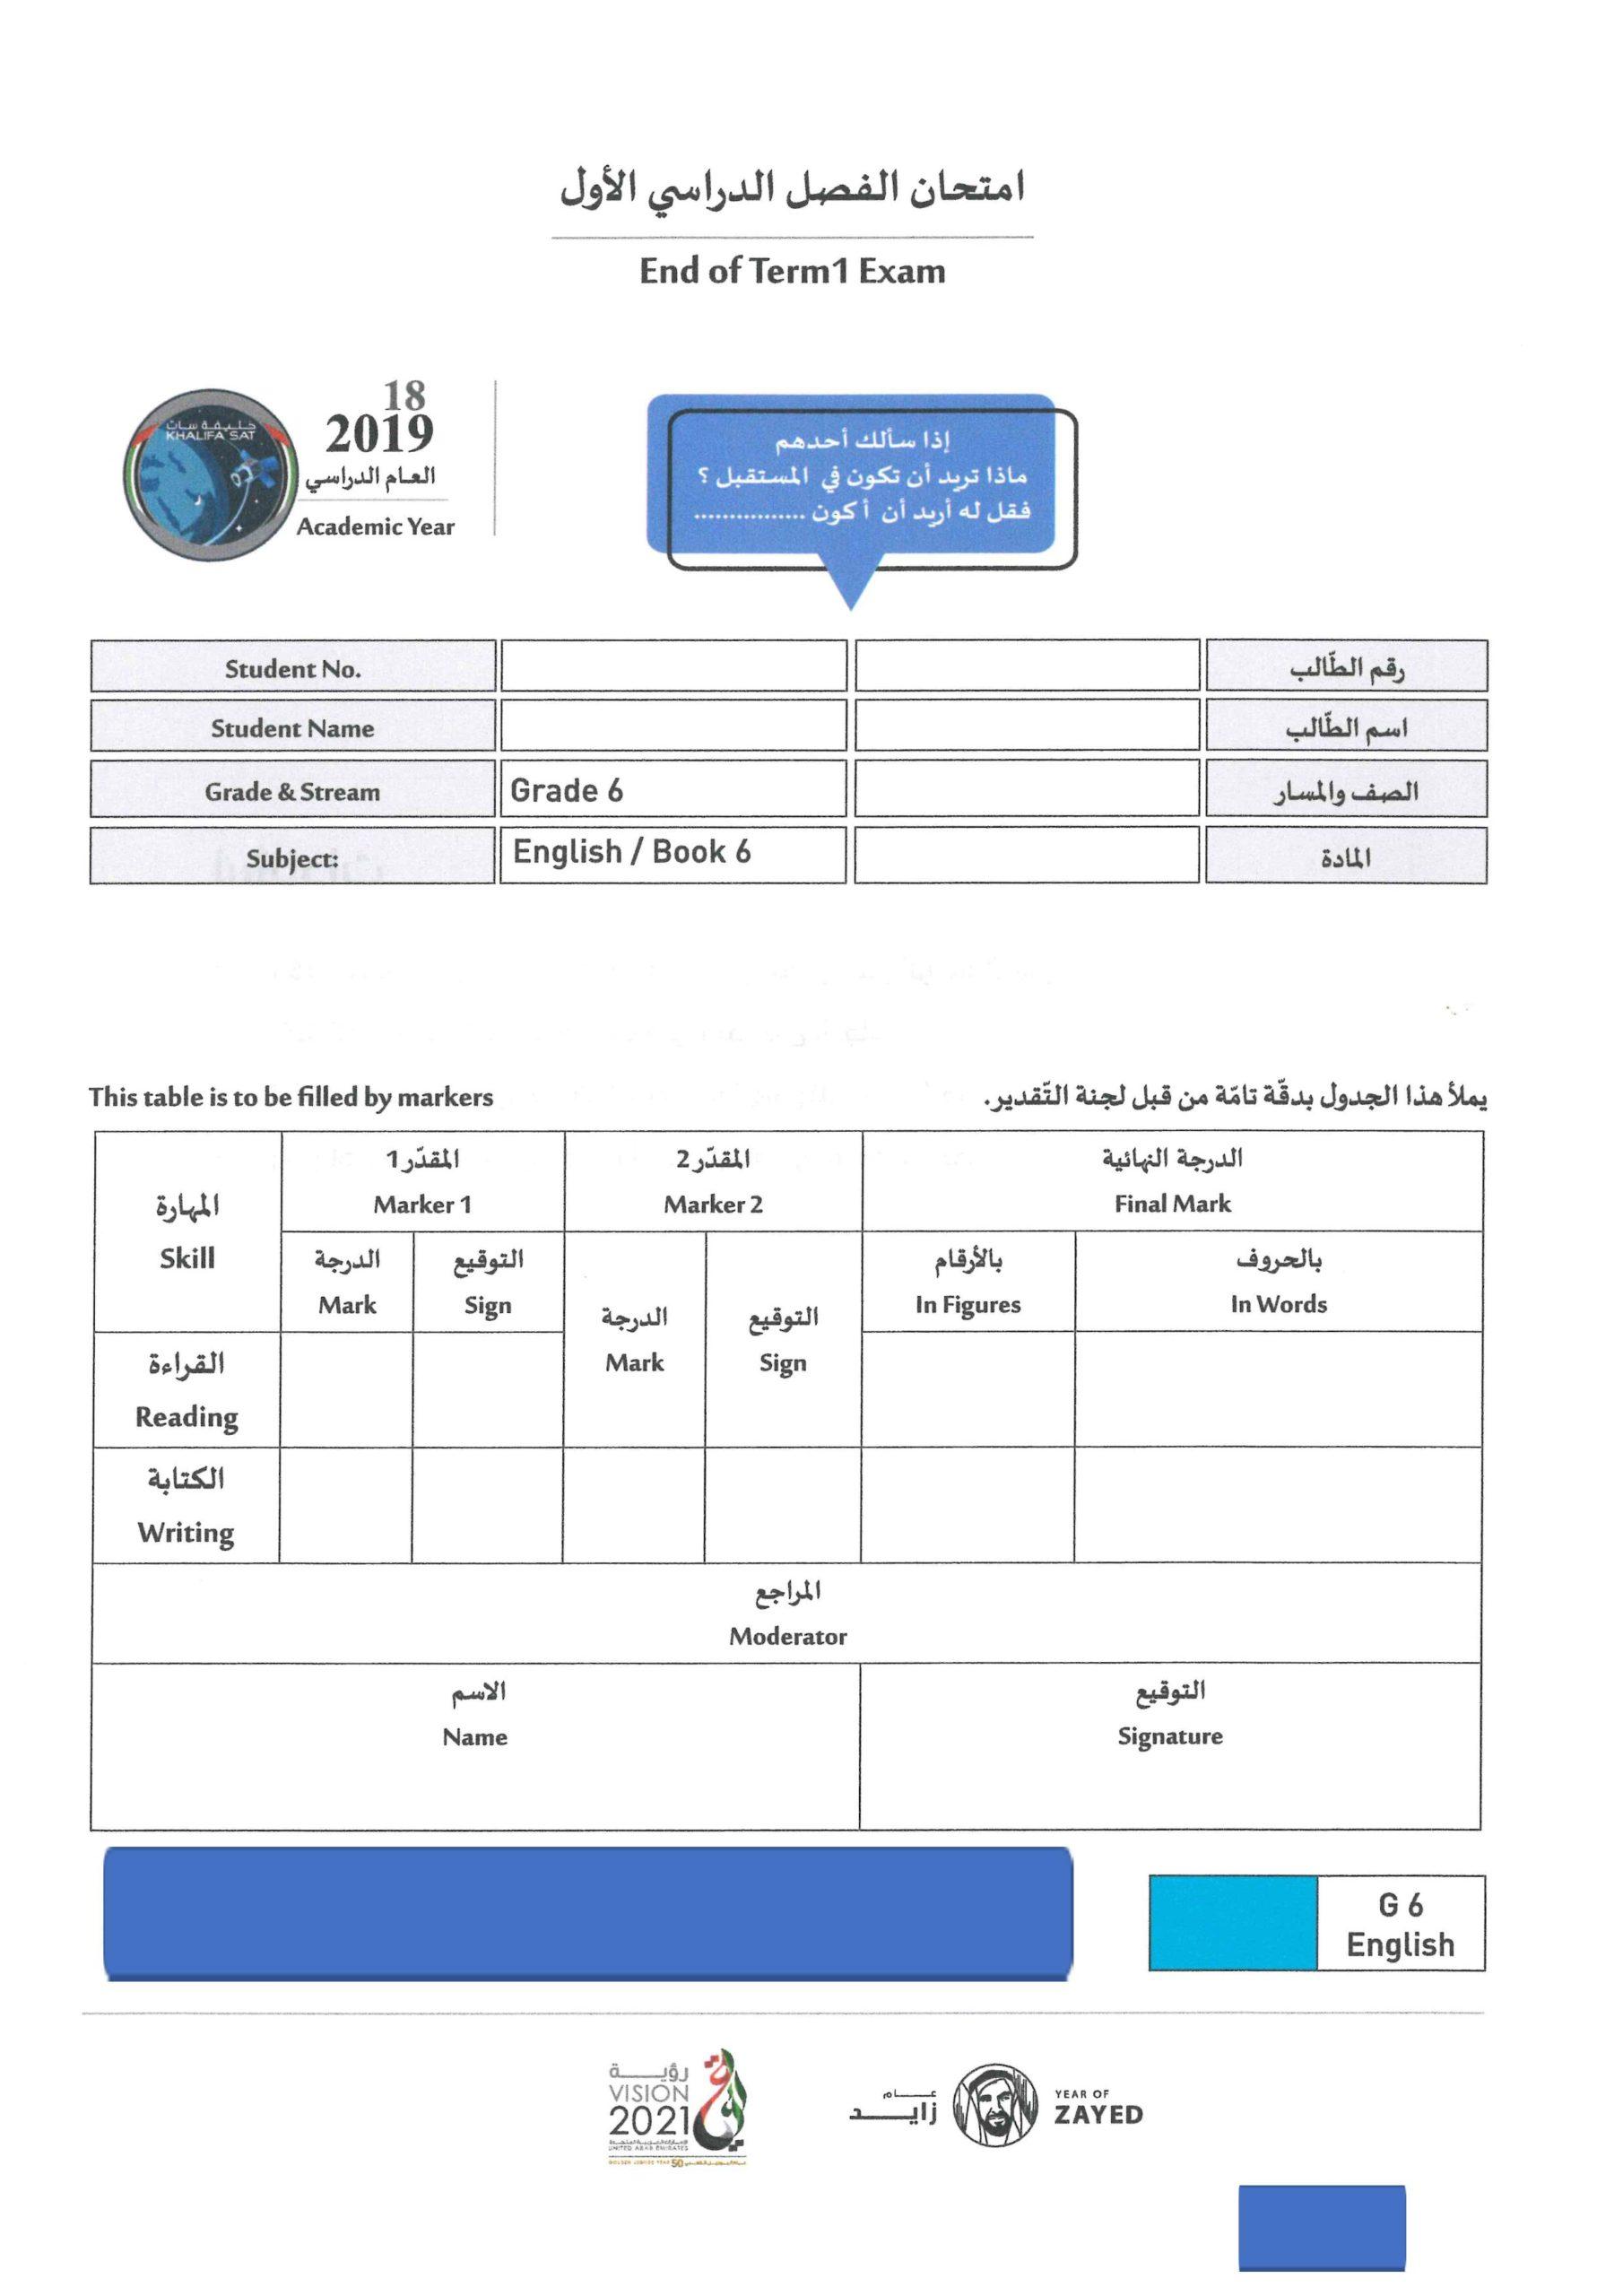 امتحان Reading and Writing الفصل الدراسي الاول 2018-2019 الصف السادس مادة اللغة الانجليزية